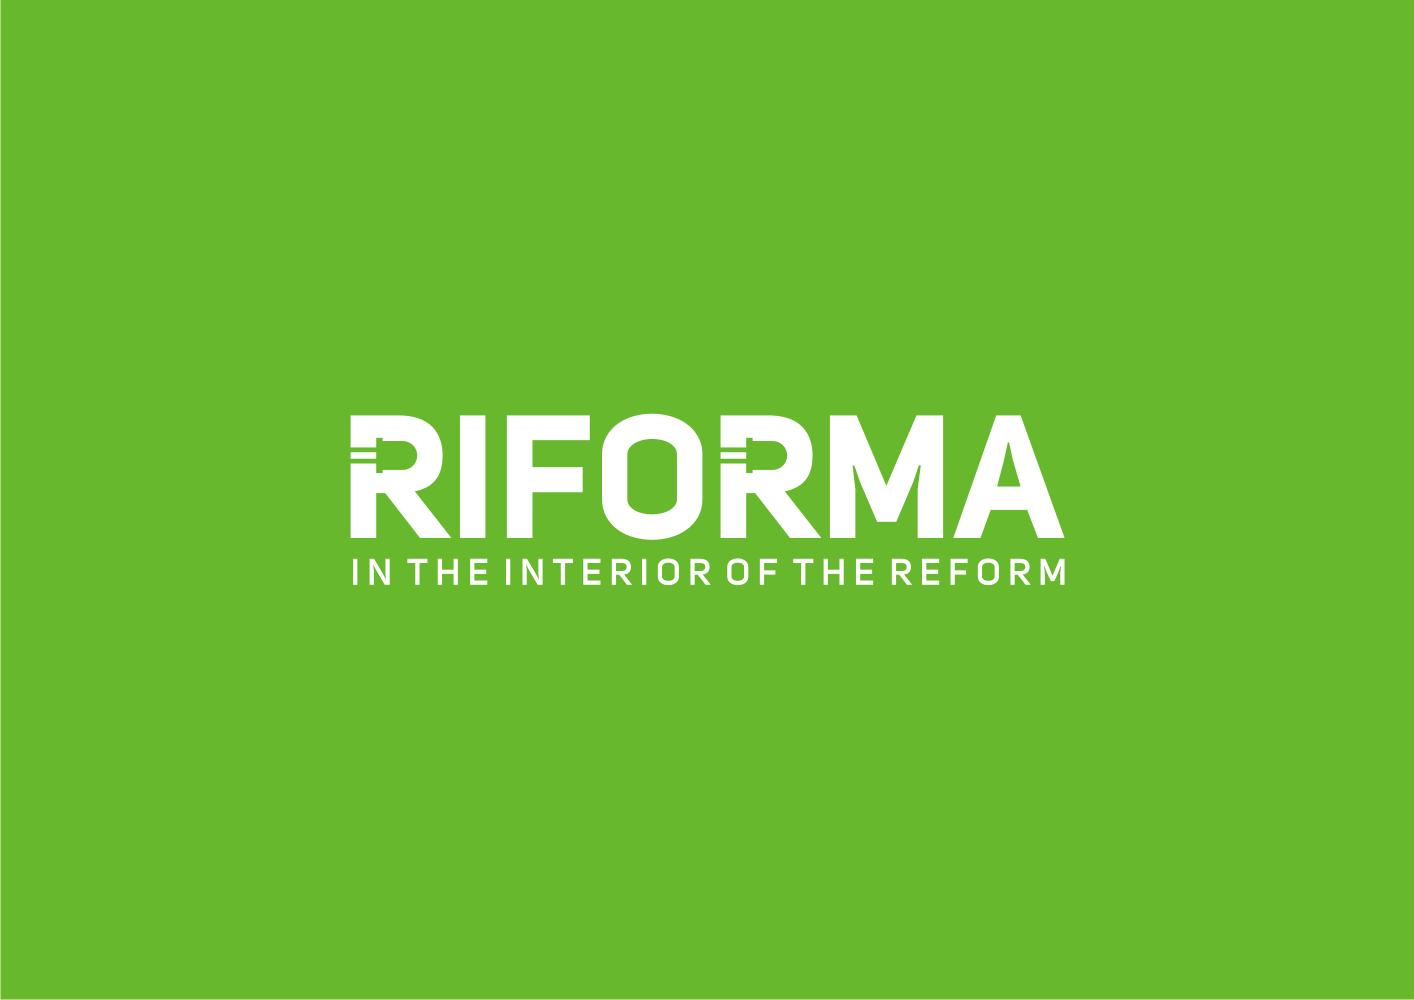 Разработка логотипа и элементов фирменного стиля фото f_82157a75f7e8676a.png